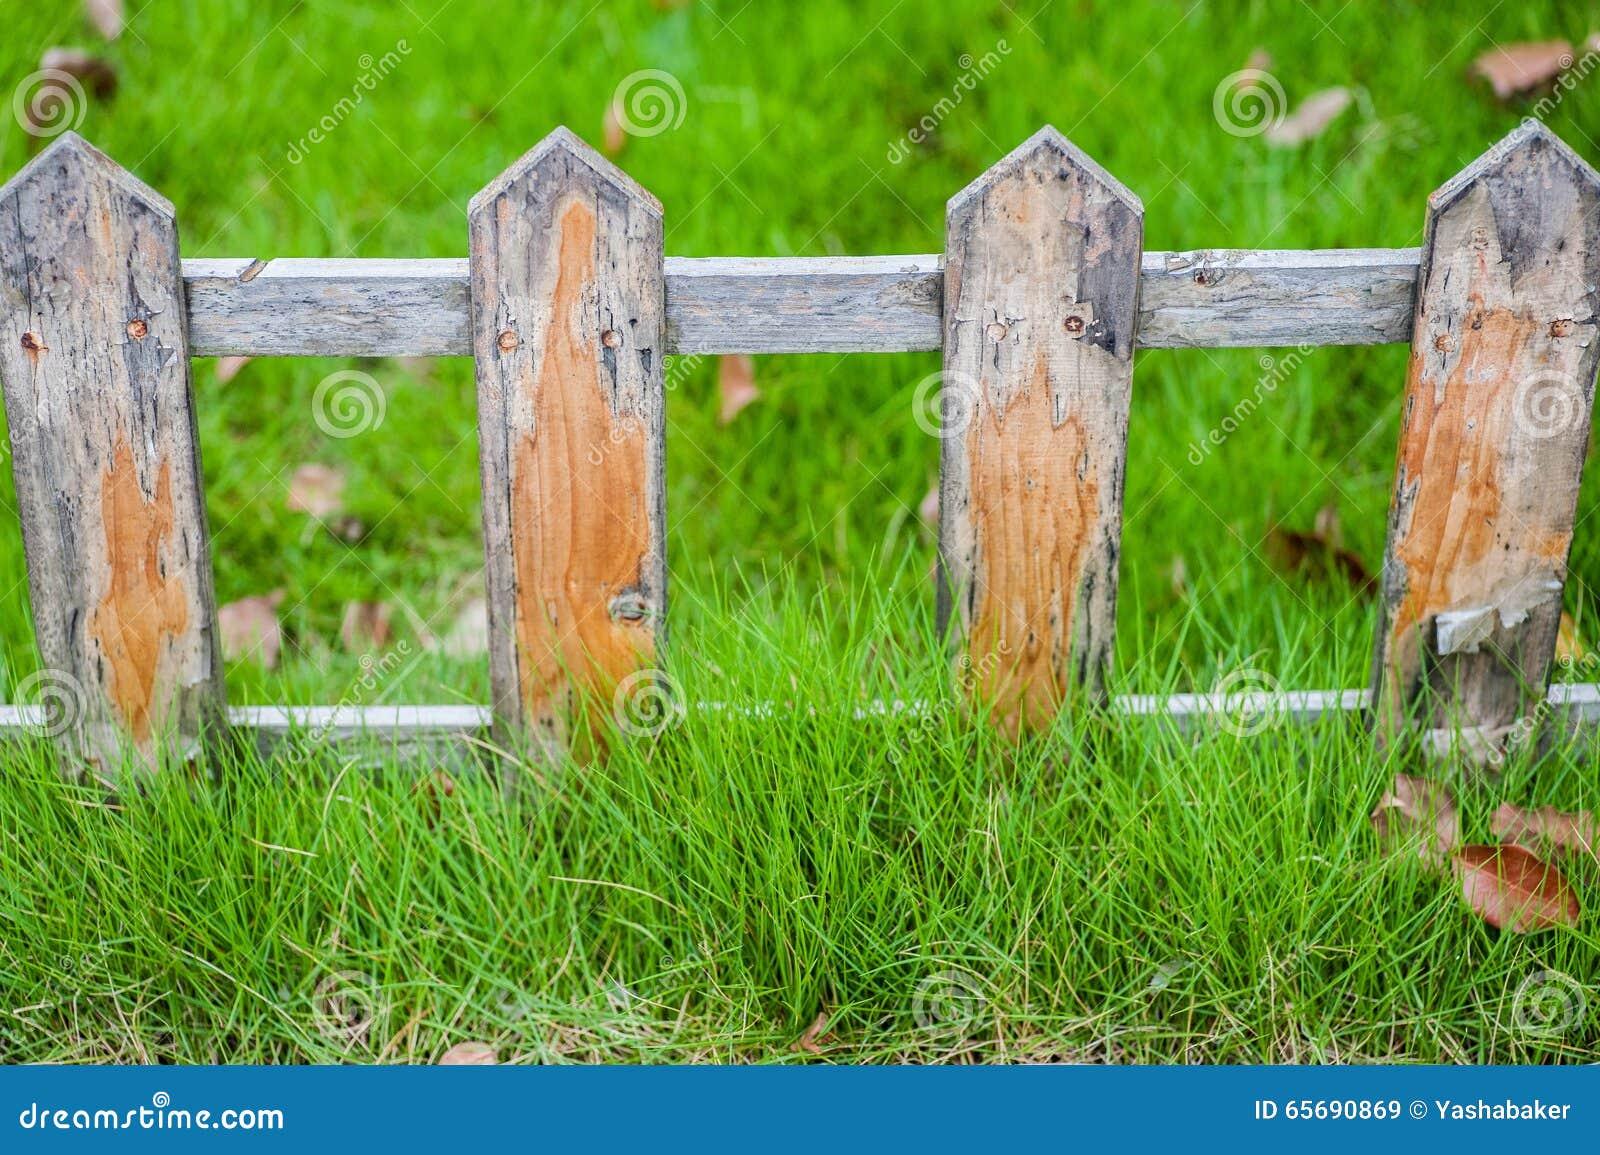 Vieille petite barrière sur la pelouse verte profondément dans l herbe